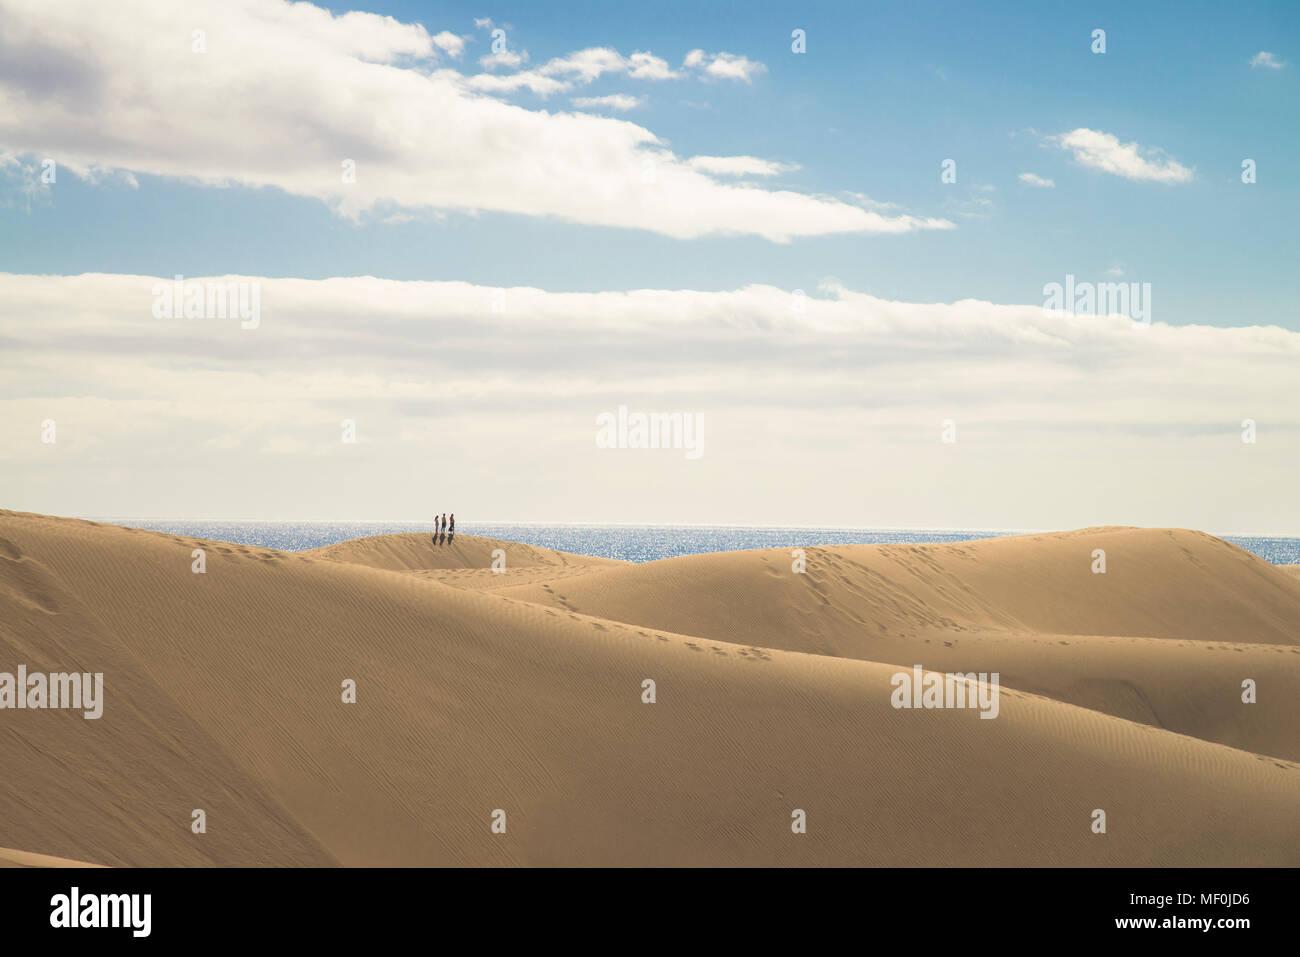 Spanien, Kanarische Inseln, Gran Canaria, Menschen auf Sanddünen von Maspalomas Stockbild